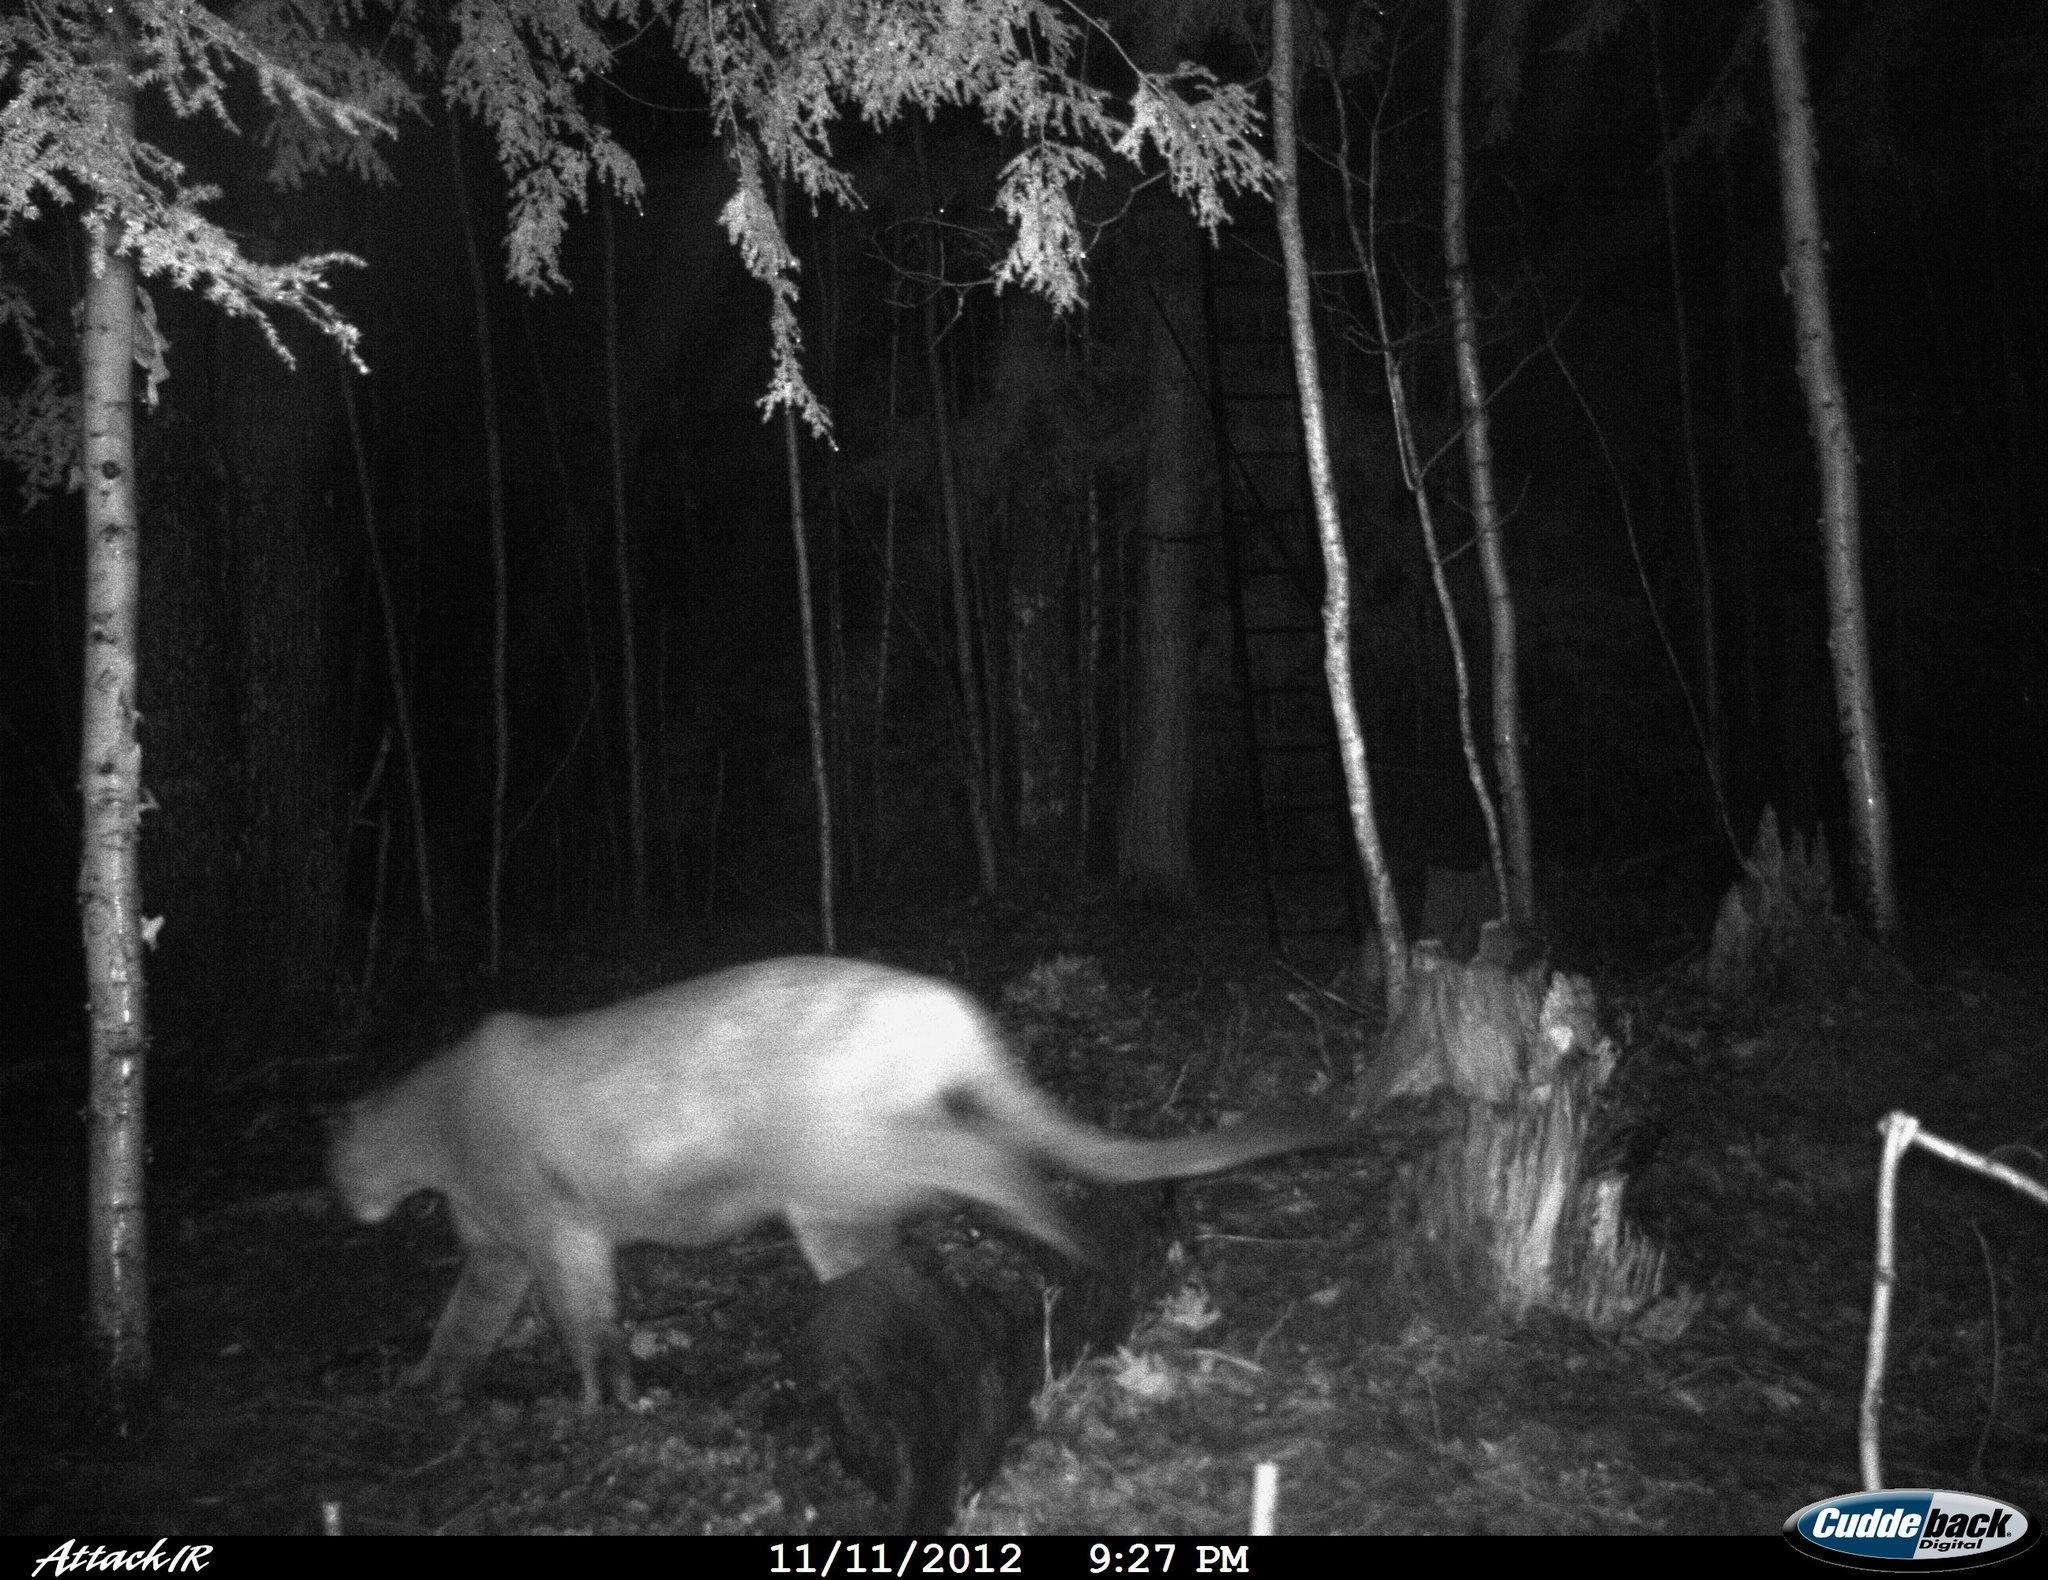 Cougar sightings in michigan